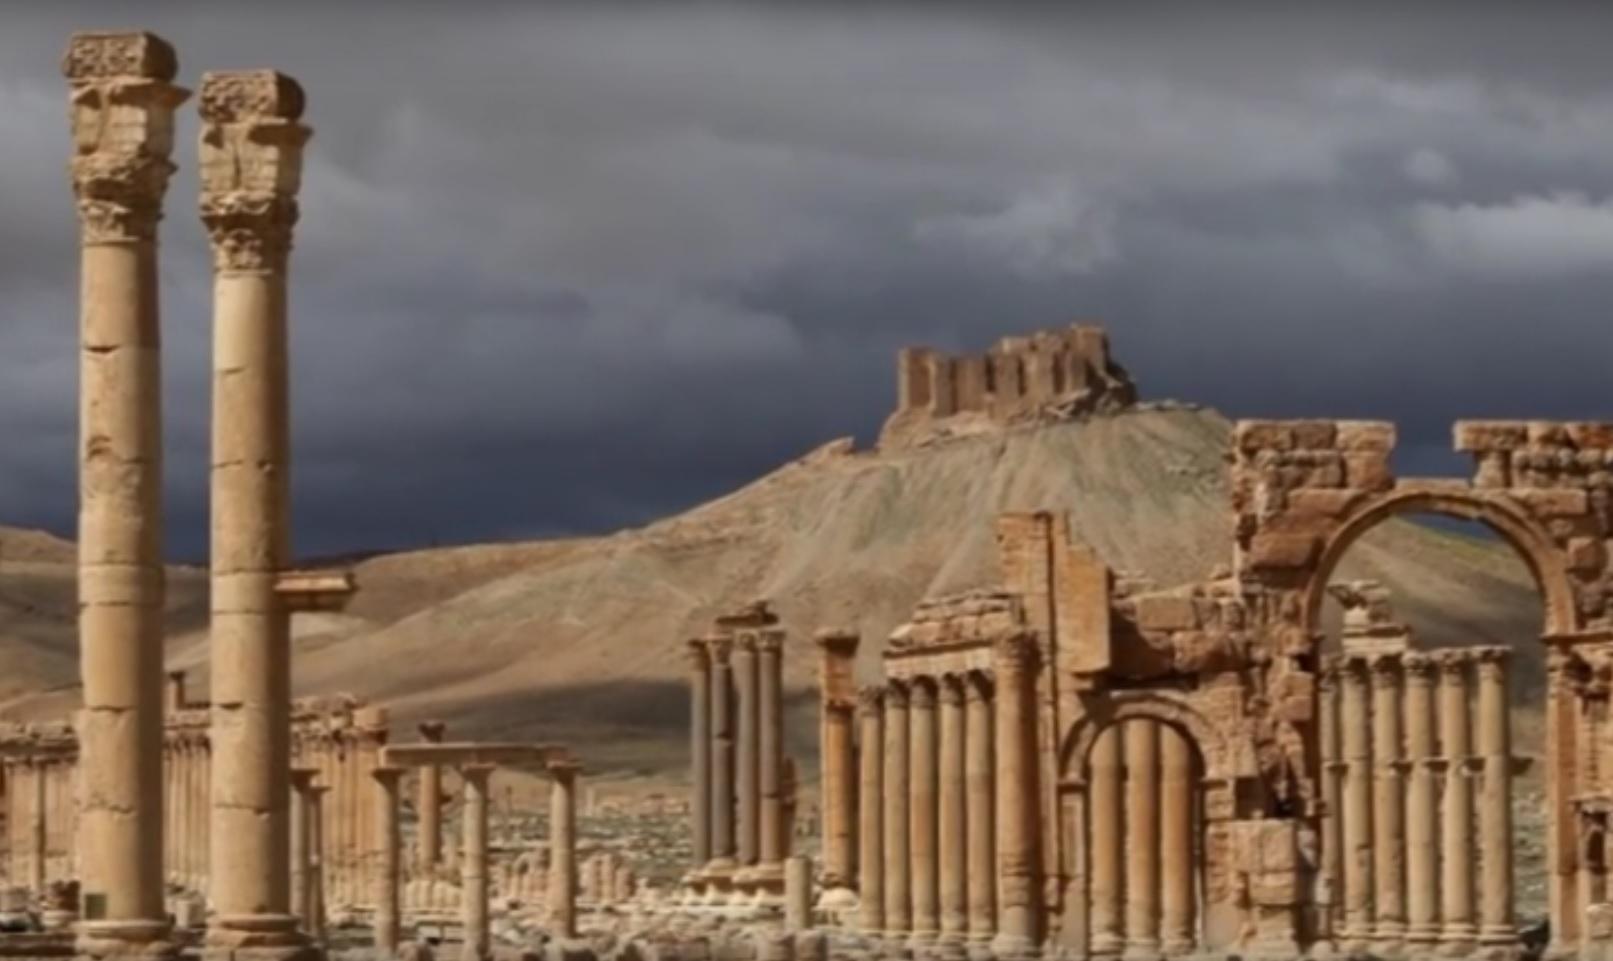 PALMIRA NAKON OSLOBOĐENJA: Obnovit će se hramovi, svetišta i druge povijesne građevine